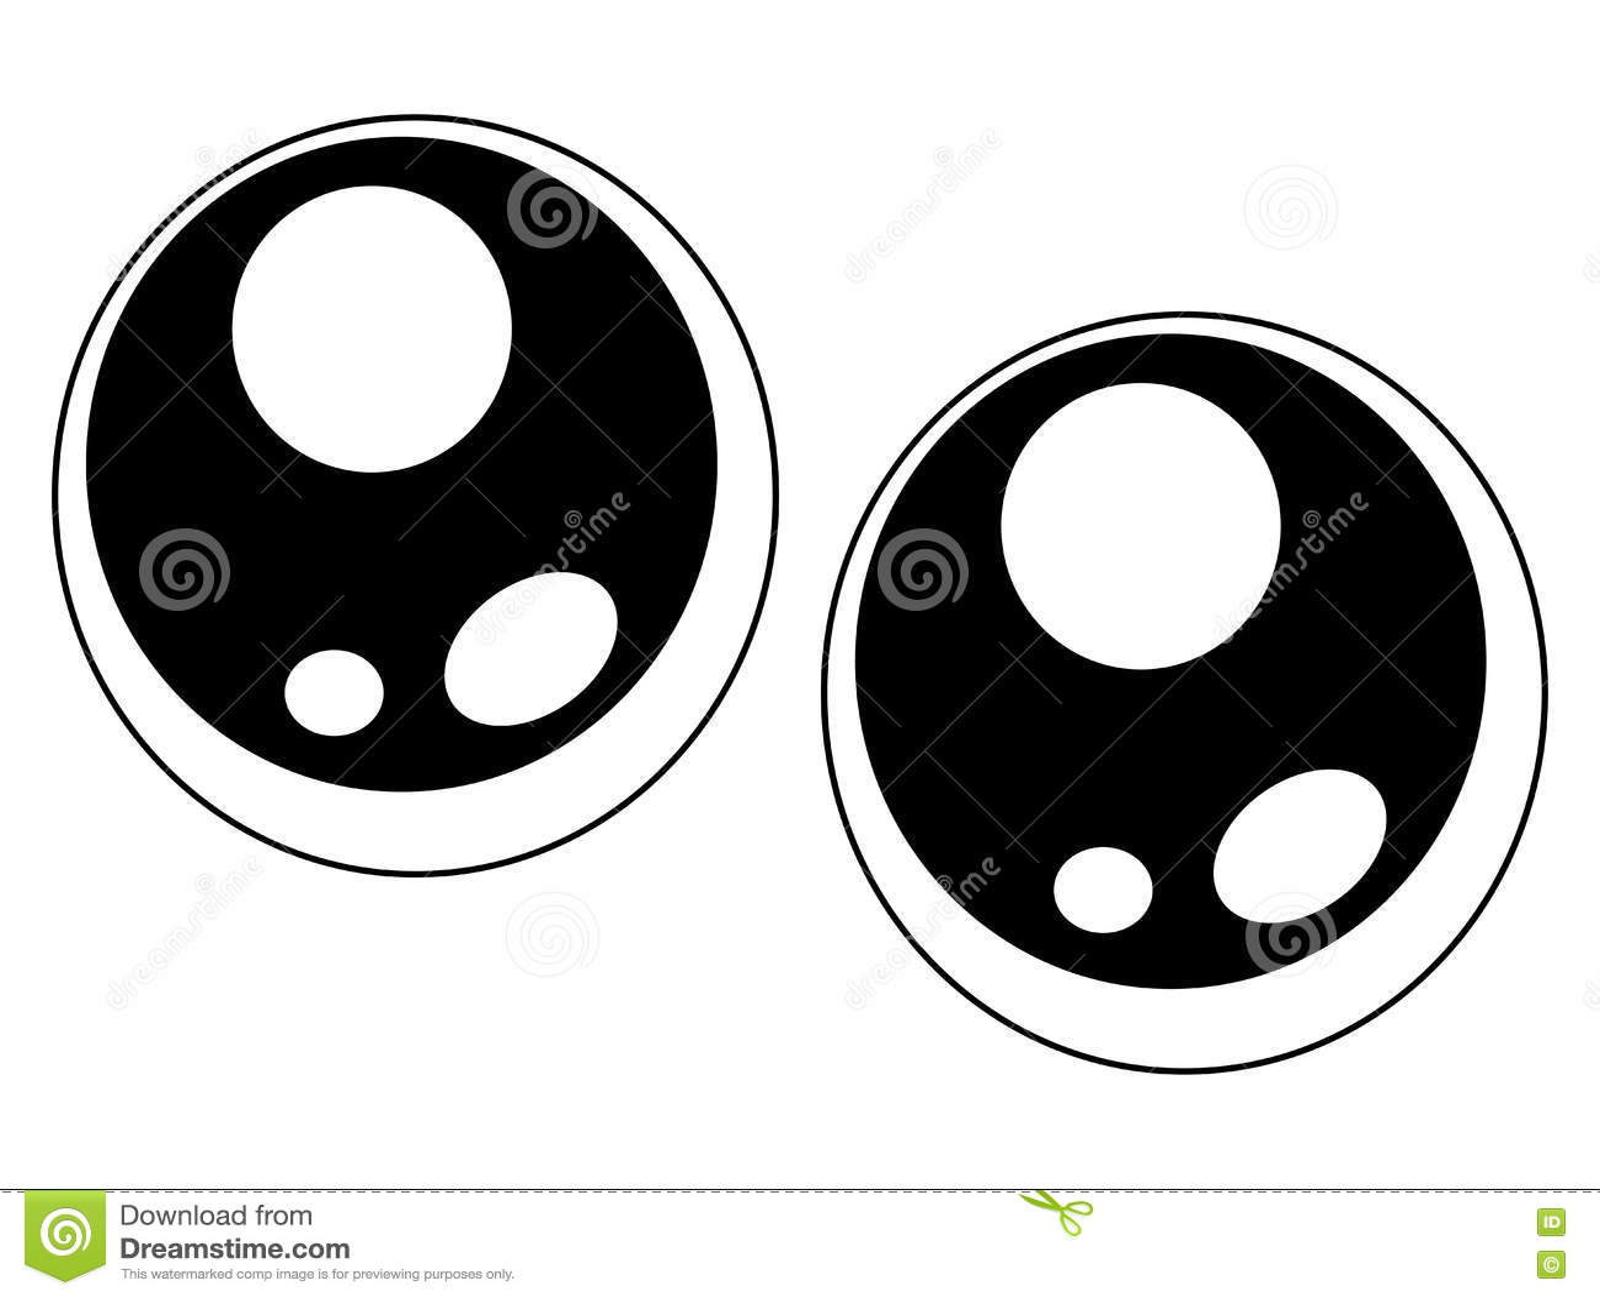 Simple Cute Eyes Vector Symbol Icon Design. Stock Vector ...